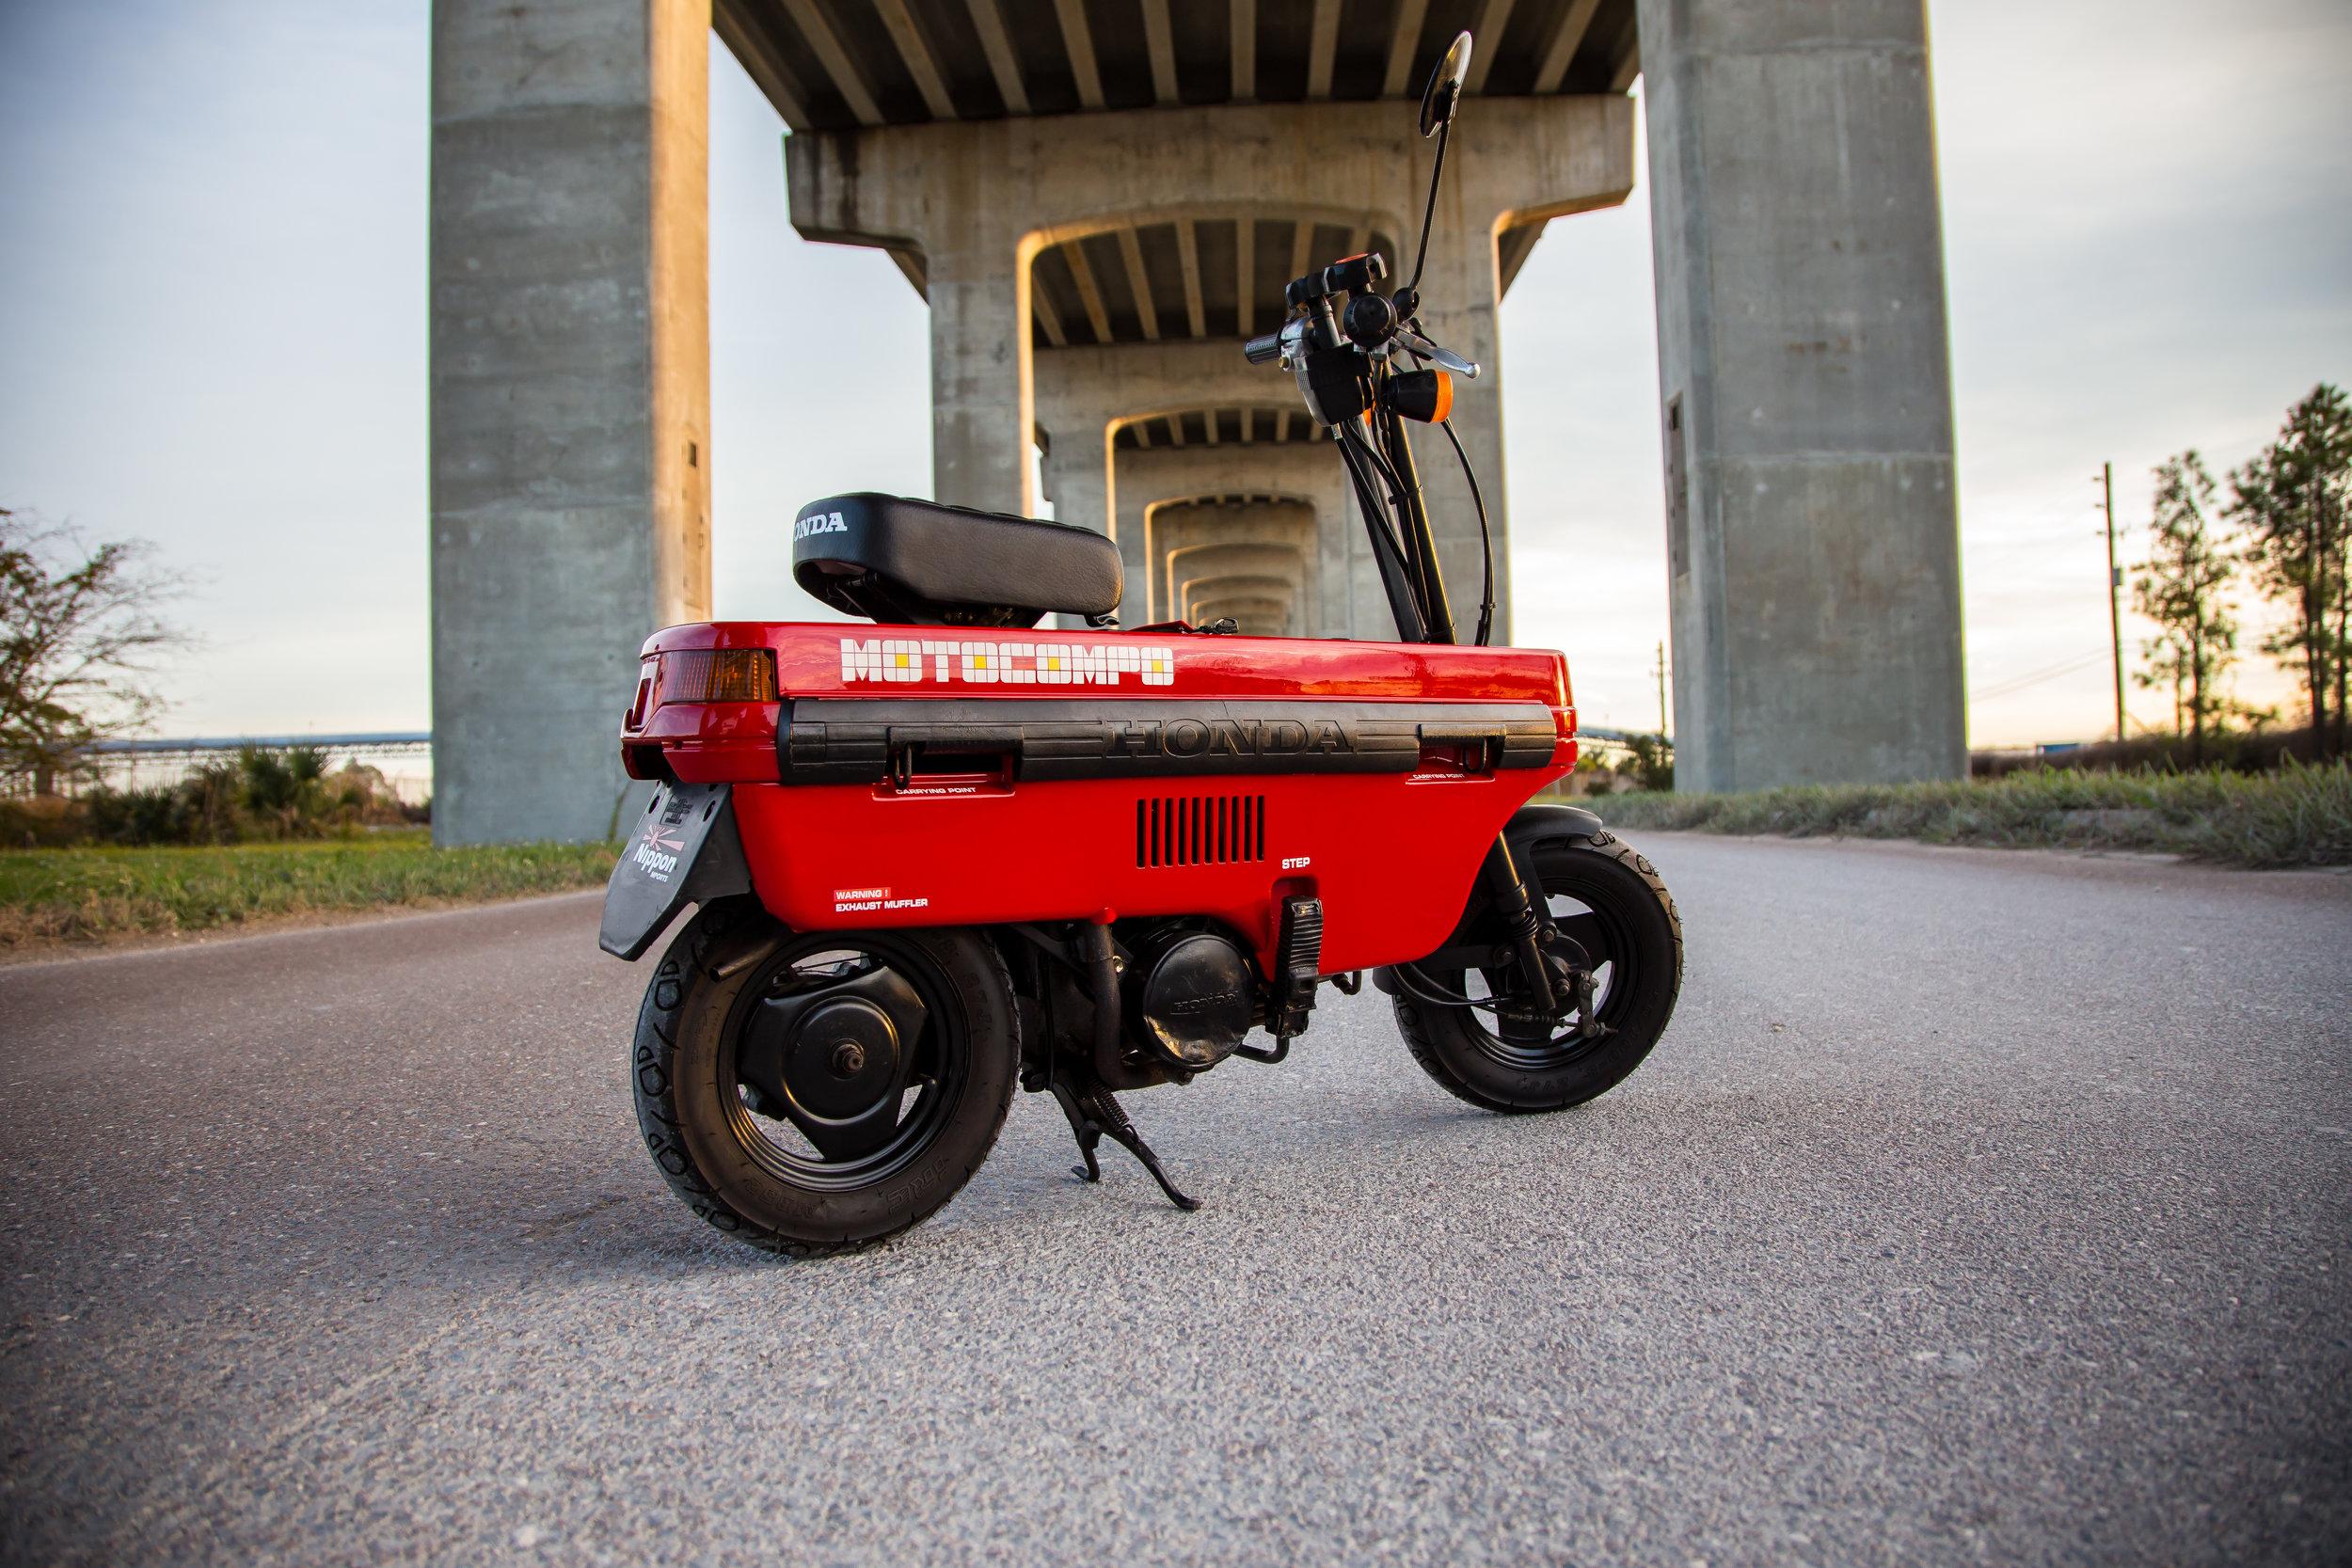 1983-honda-city-turbo-ii--motocompo_45471607855_o.jpg